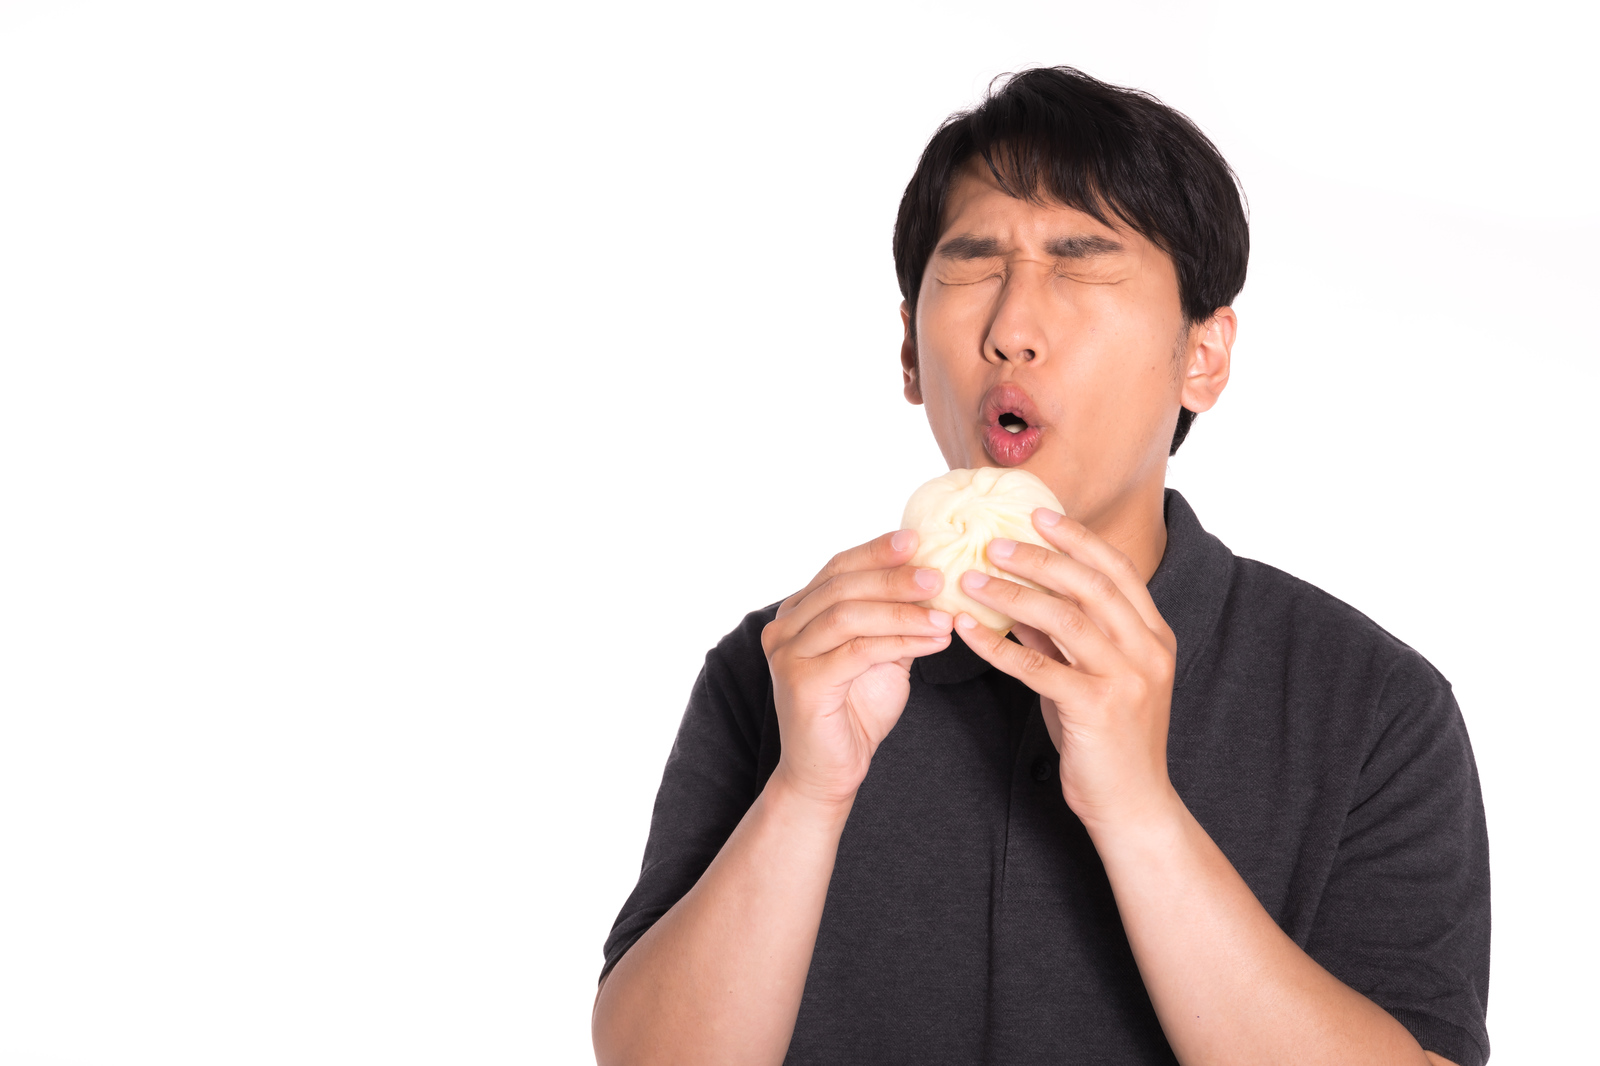 「ほくほくの豚まんうっまー」の写真[モデル:大川竜弥]